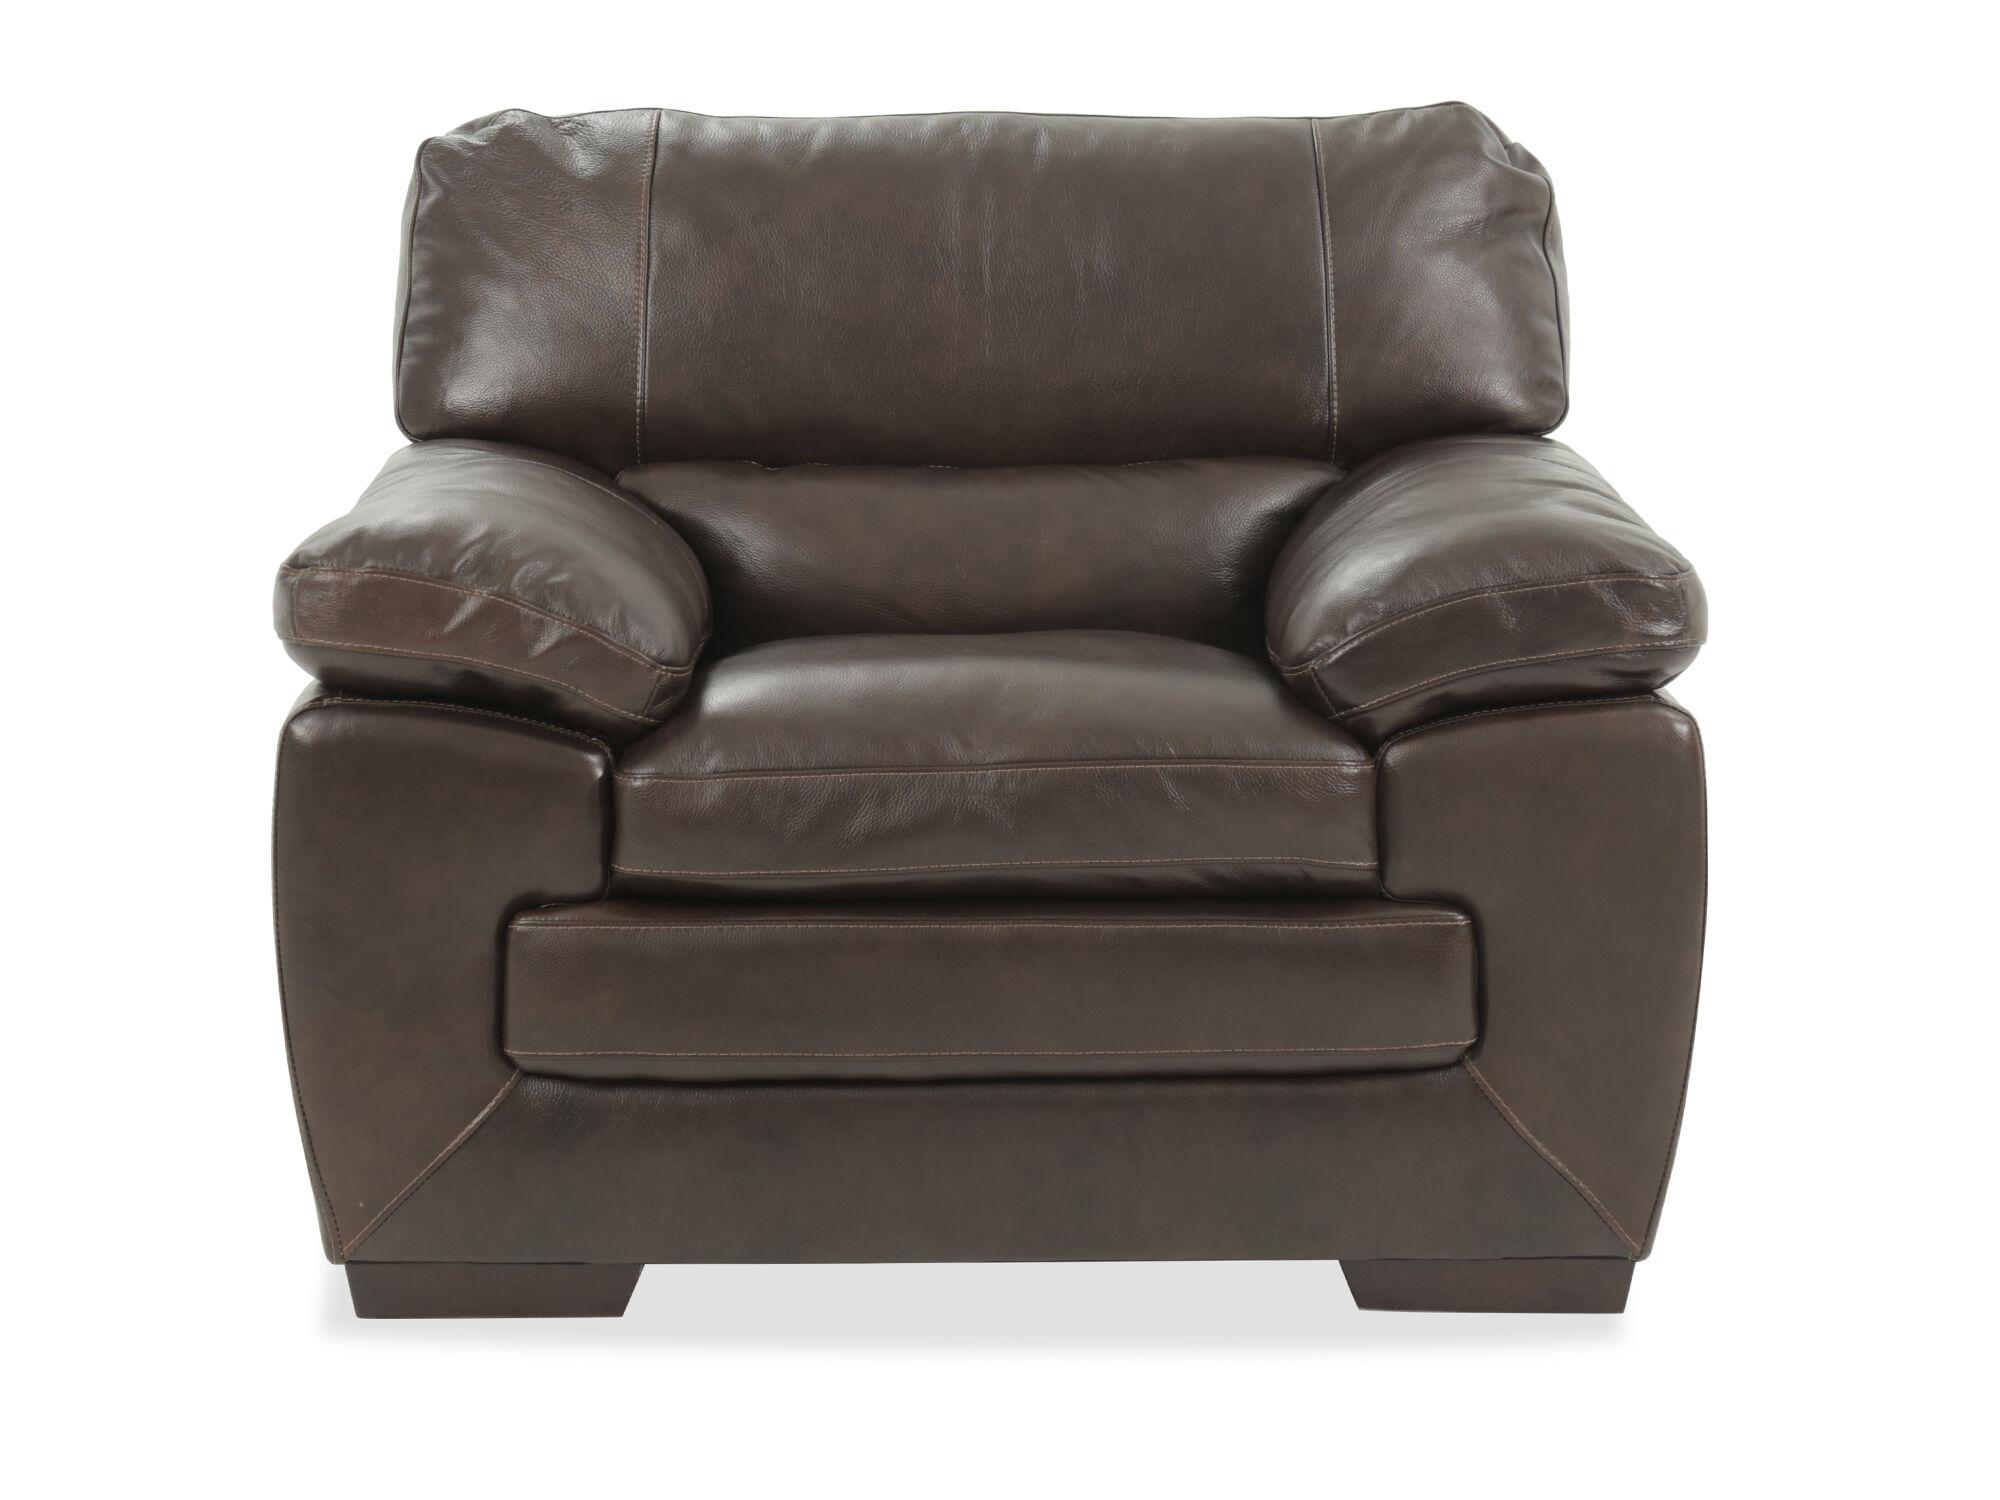 sofas tulsa ok sofa seat cushion foam bustle-back traditional leather 46